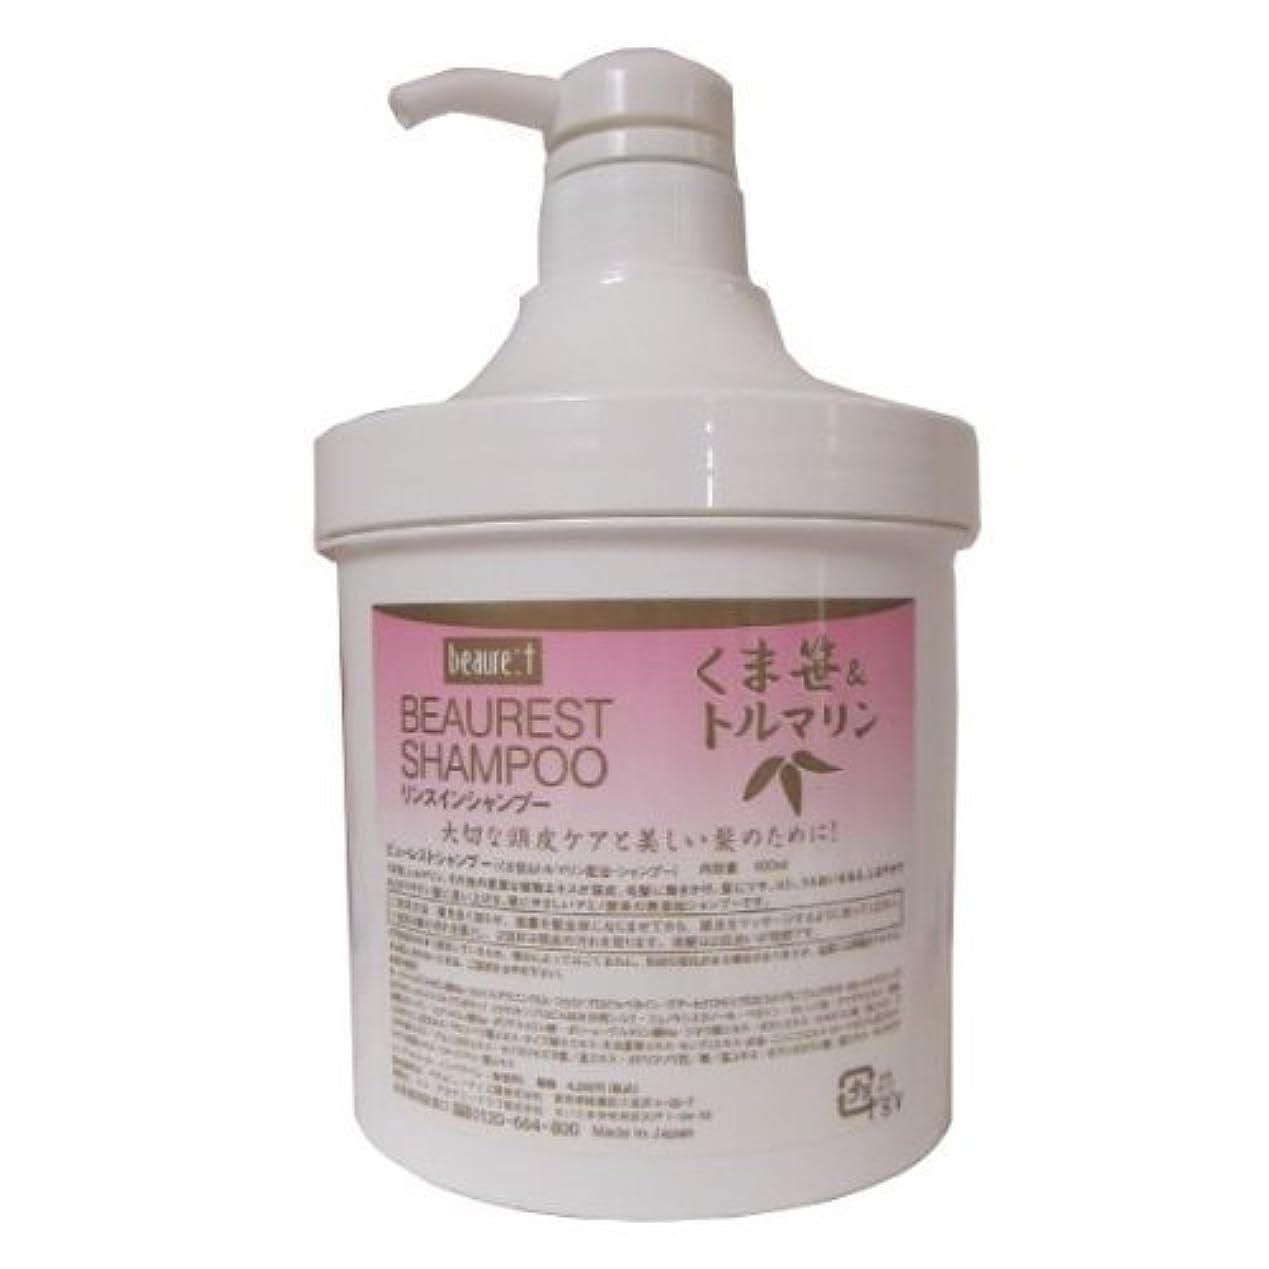 シーン吸収するブラウザビューレストシャンプー(くま笹&トルマリン配合リンスインシャンプー500ml)